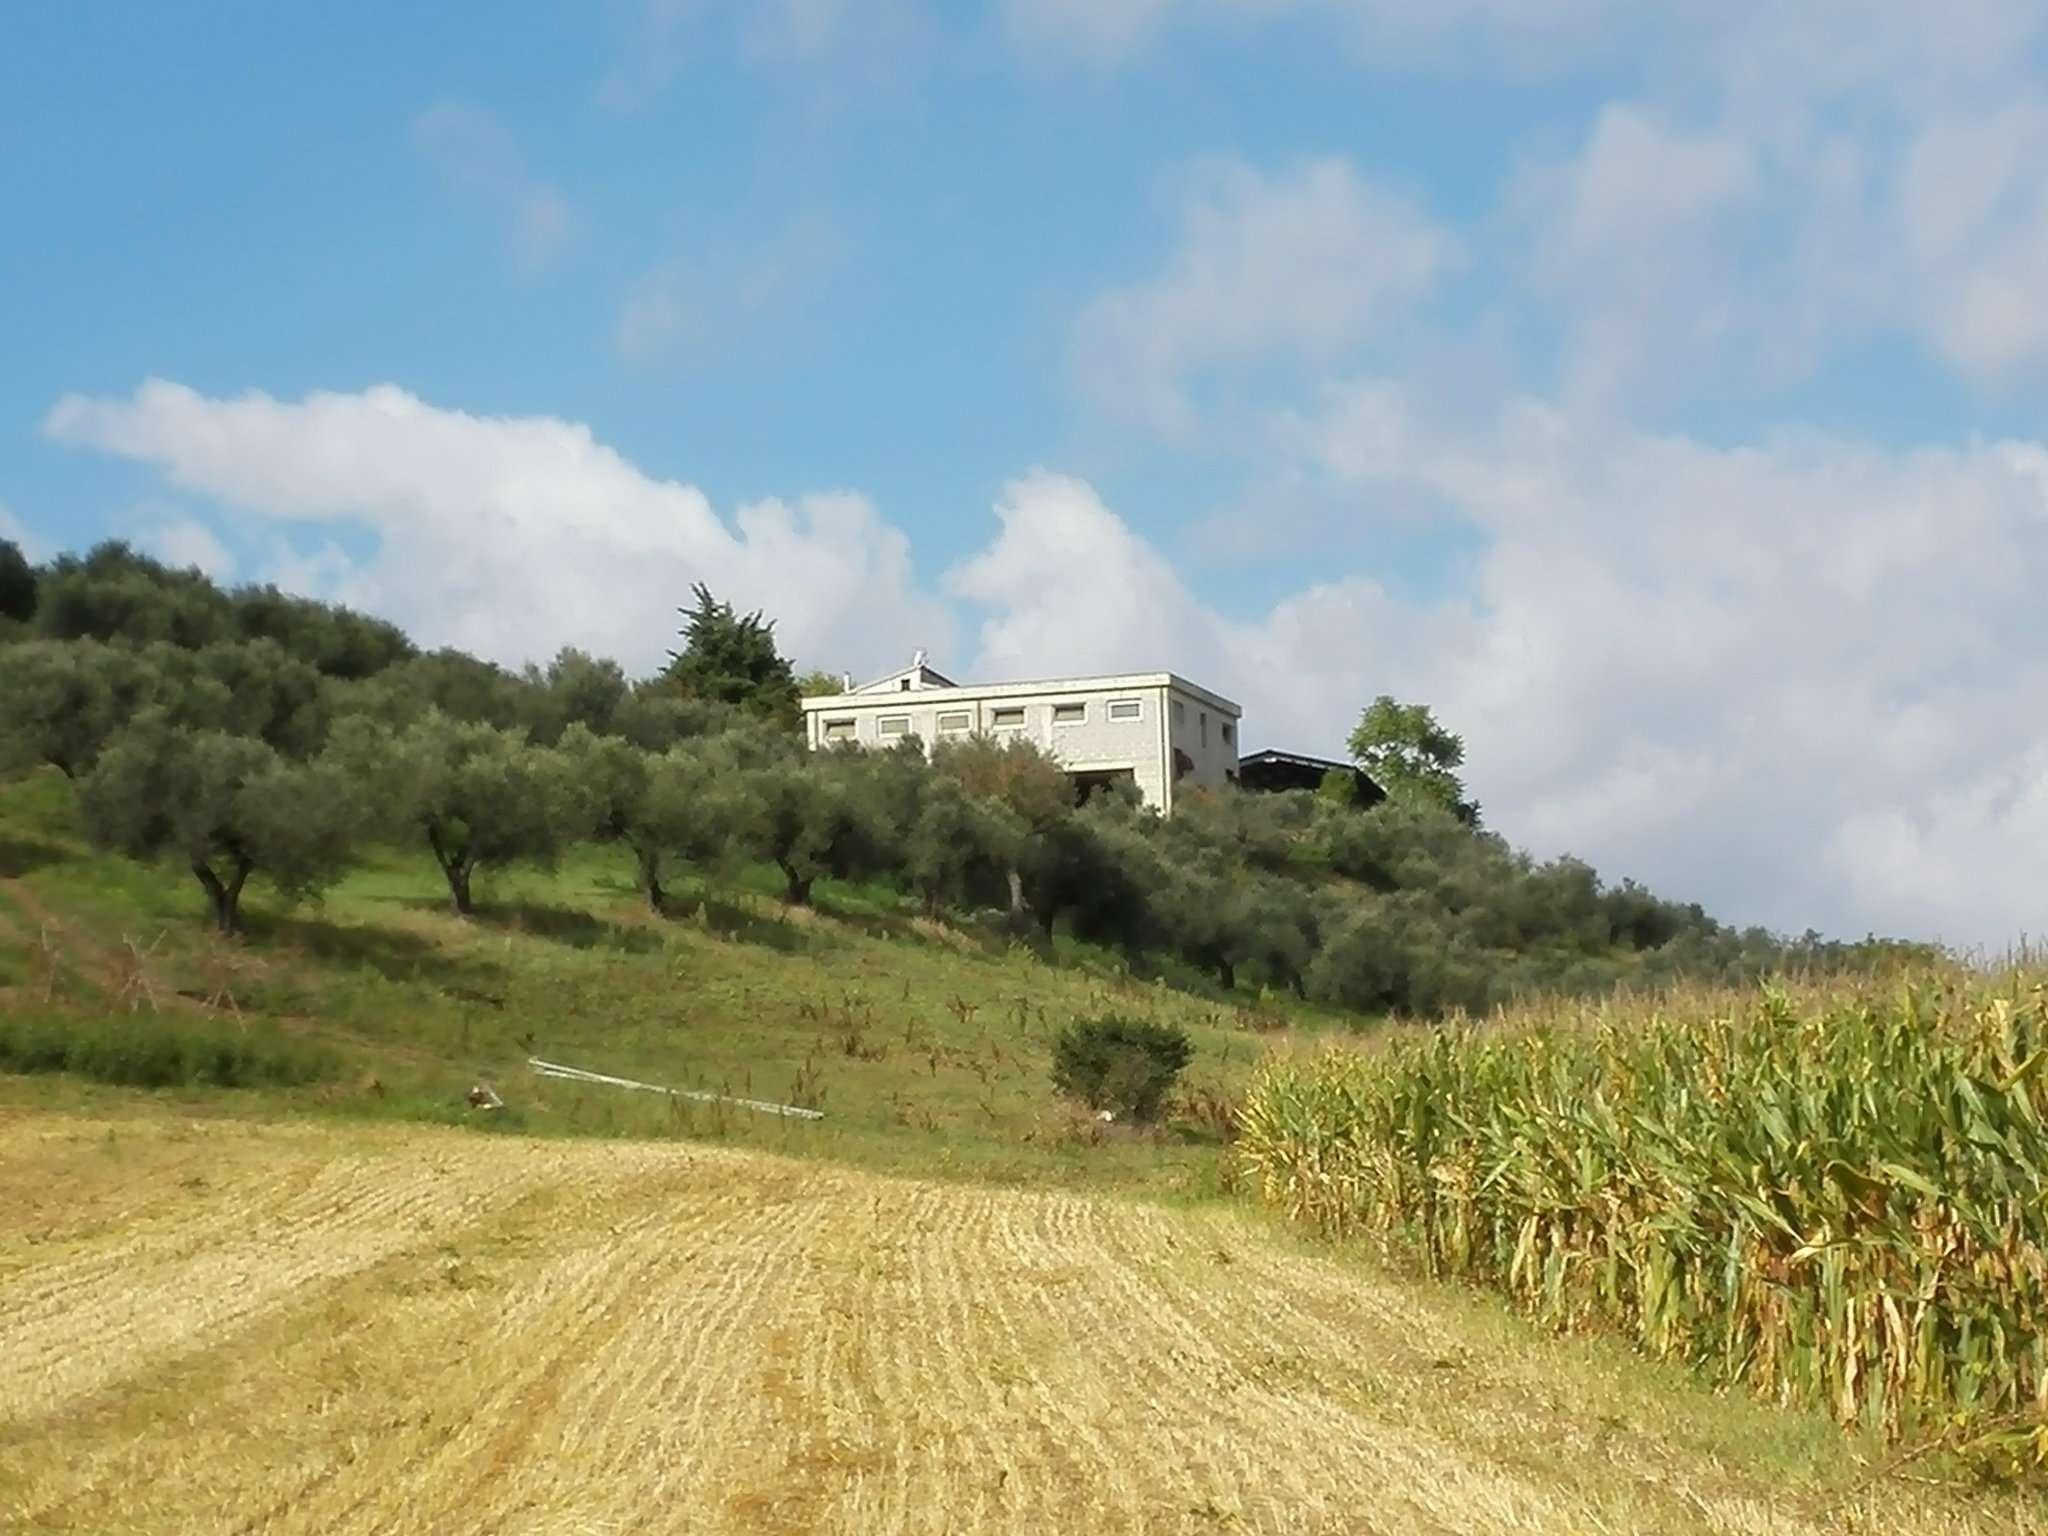 COLLECORVINO CONTRADA CASTELLUCCIO AFFITTASI CAPANNONE AGRICOLO